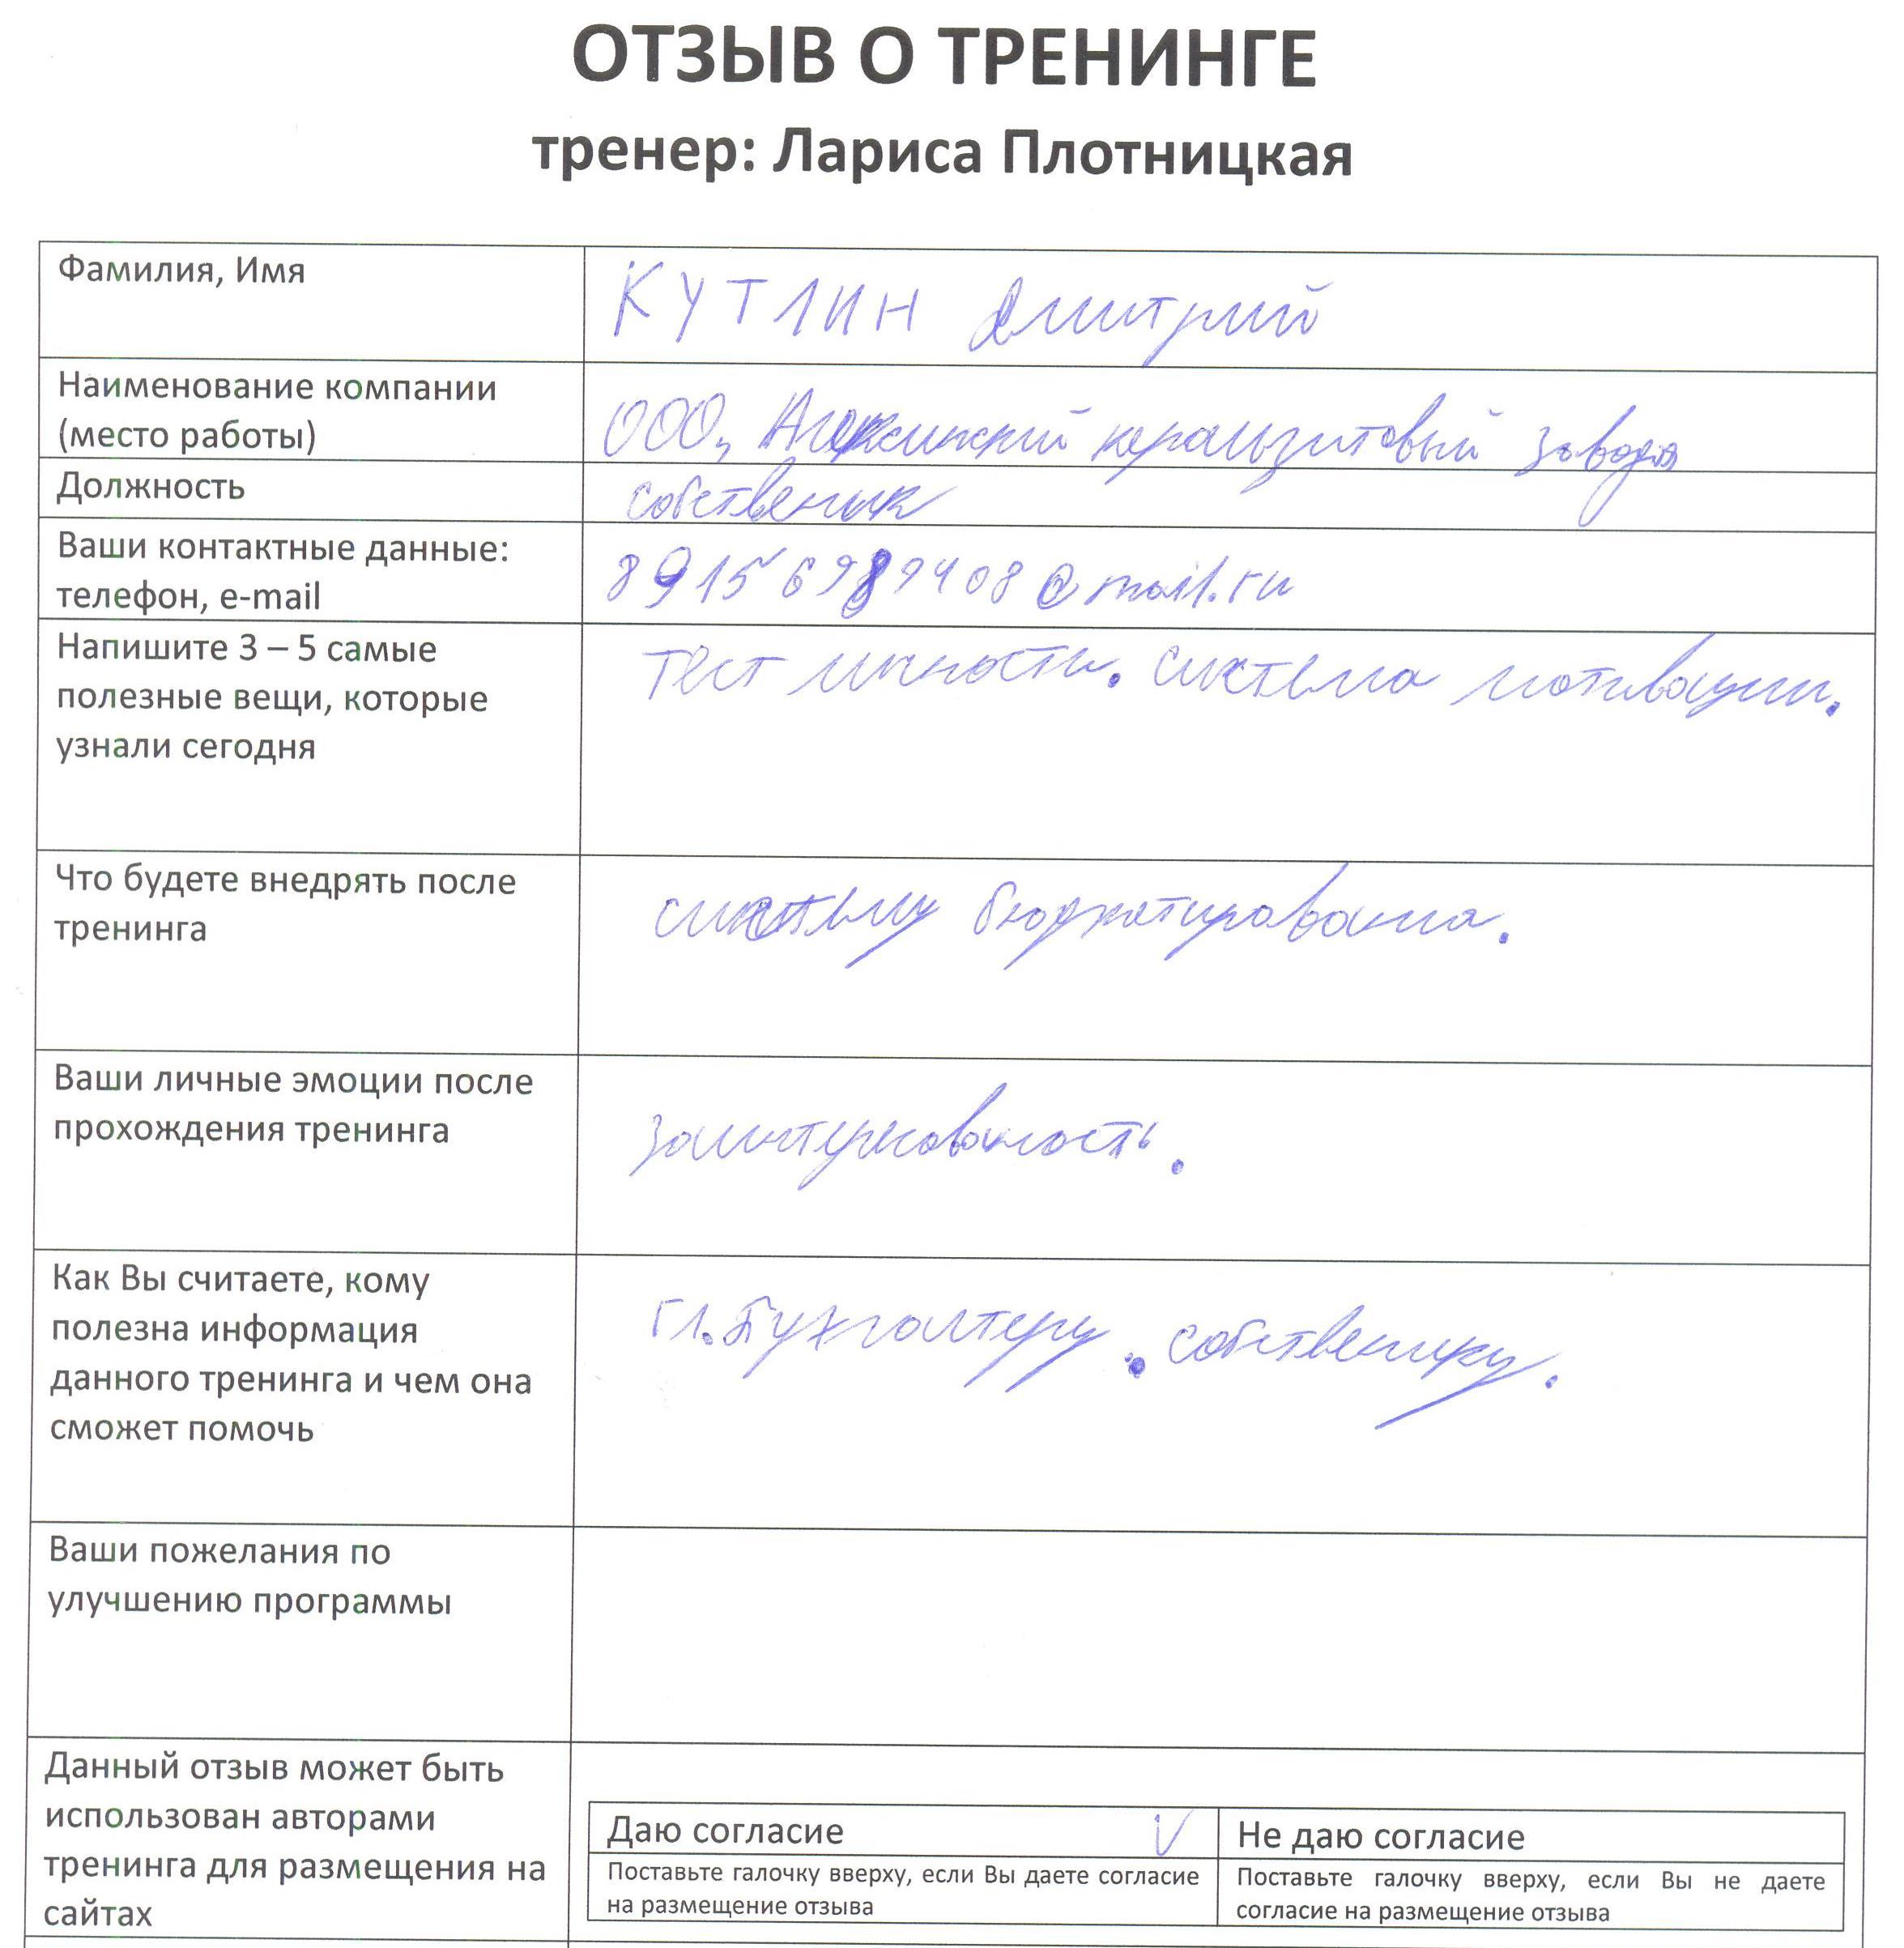 Кутлин Дмитрий